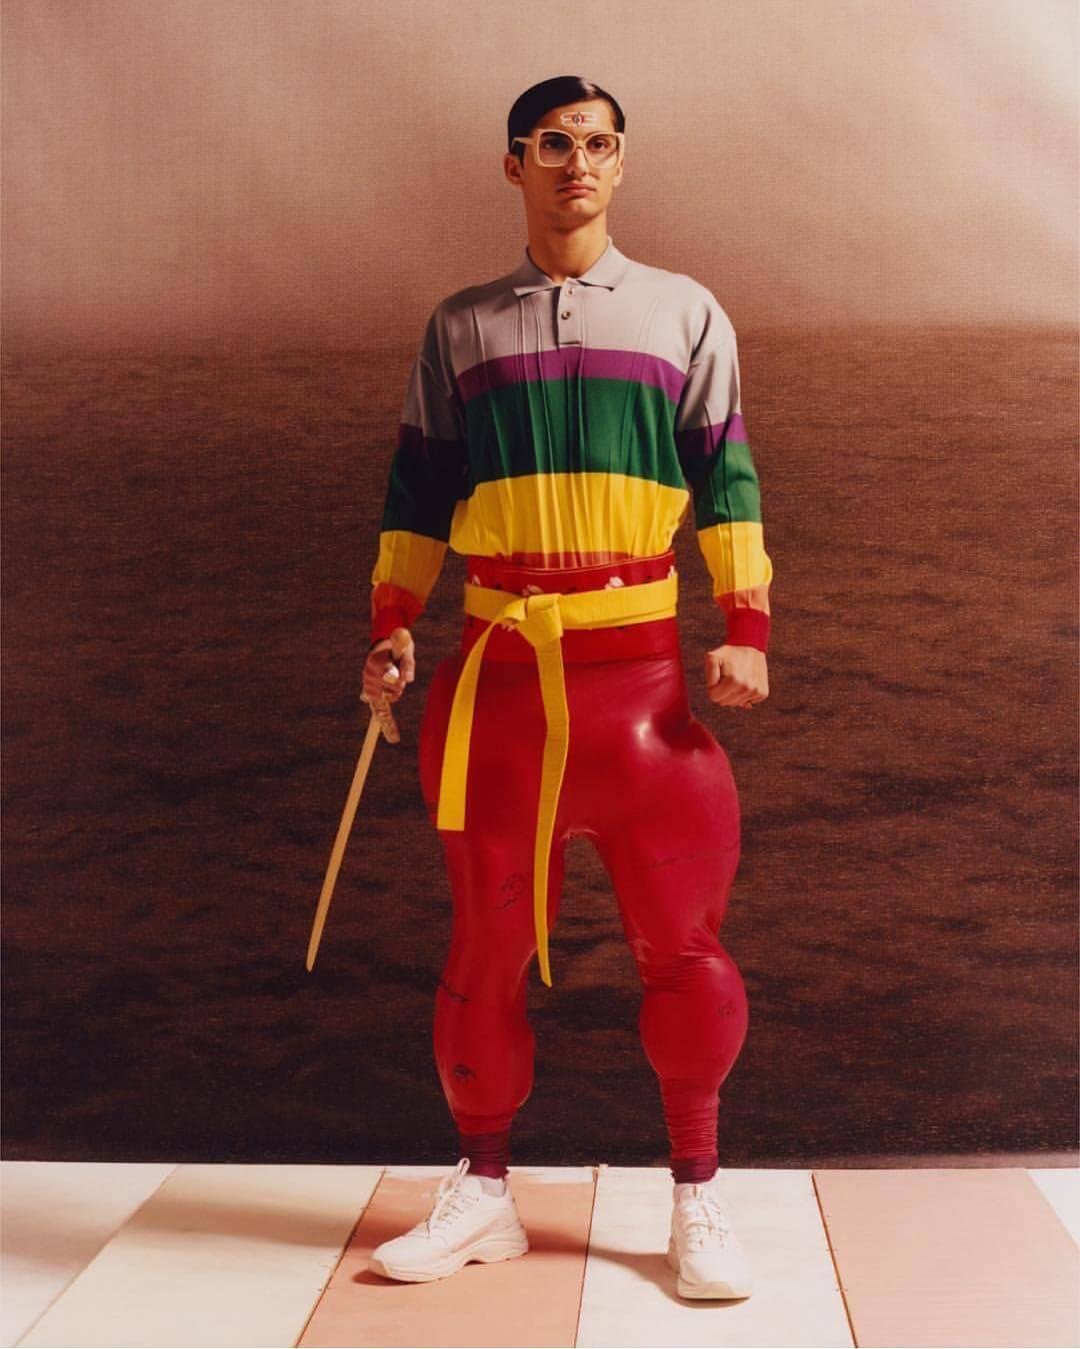 Pierre-Louis Auvray, el diseñador transgresor con una estética llena de aliens, músculos y fantasías freaky